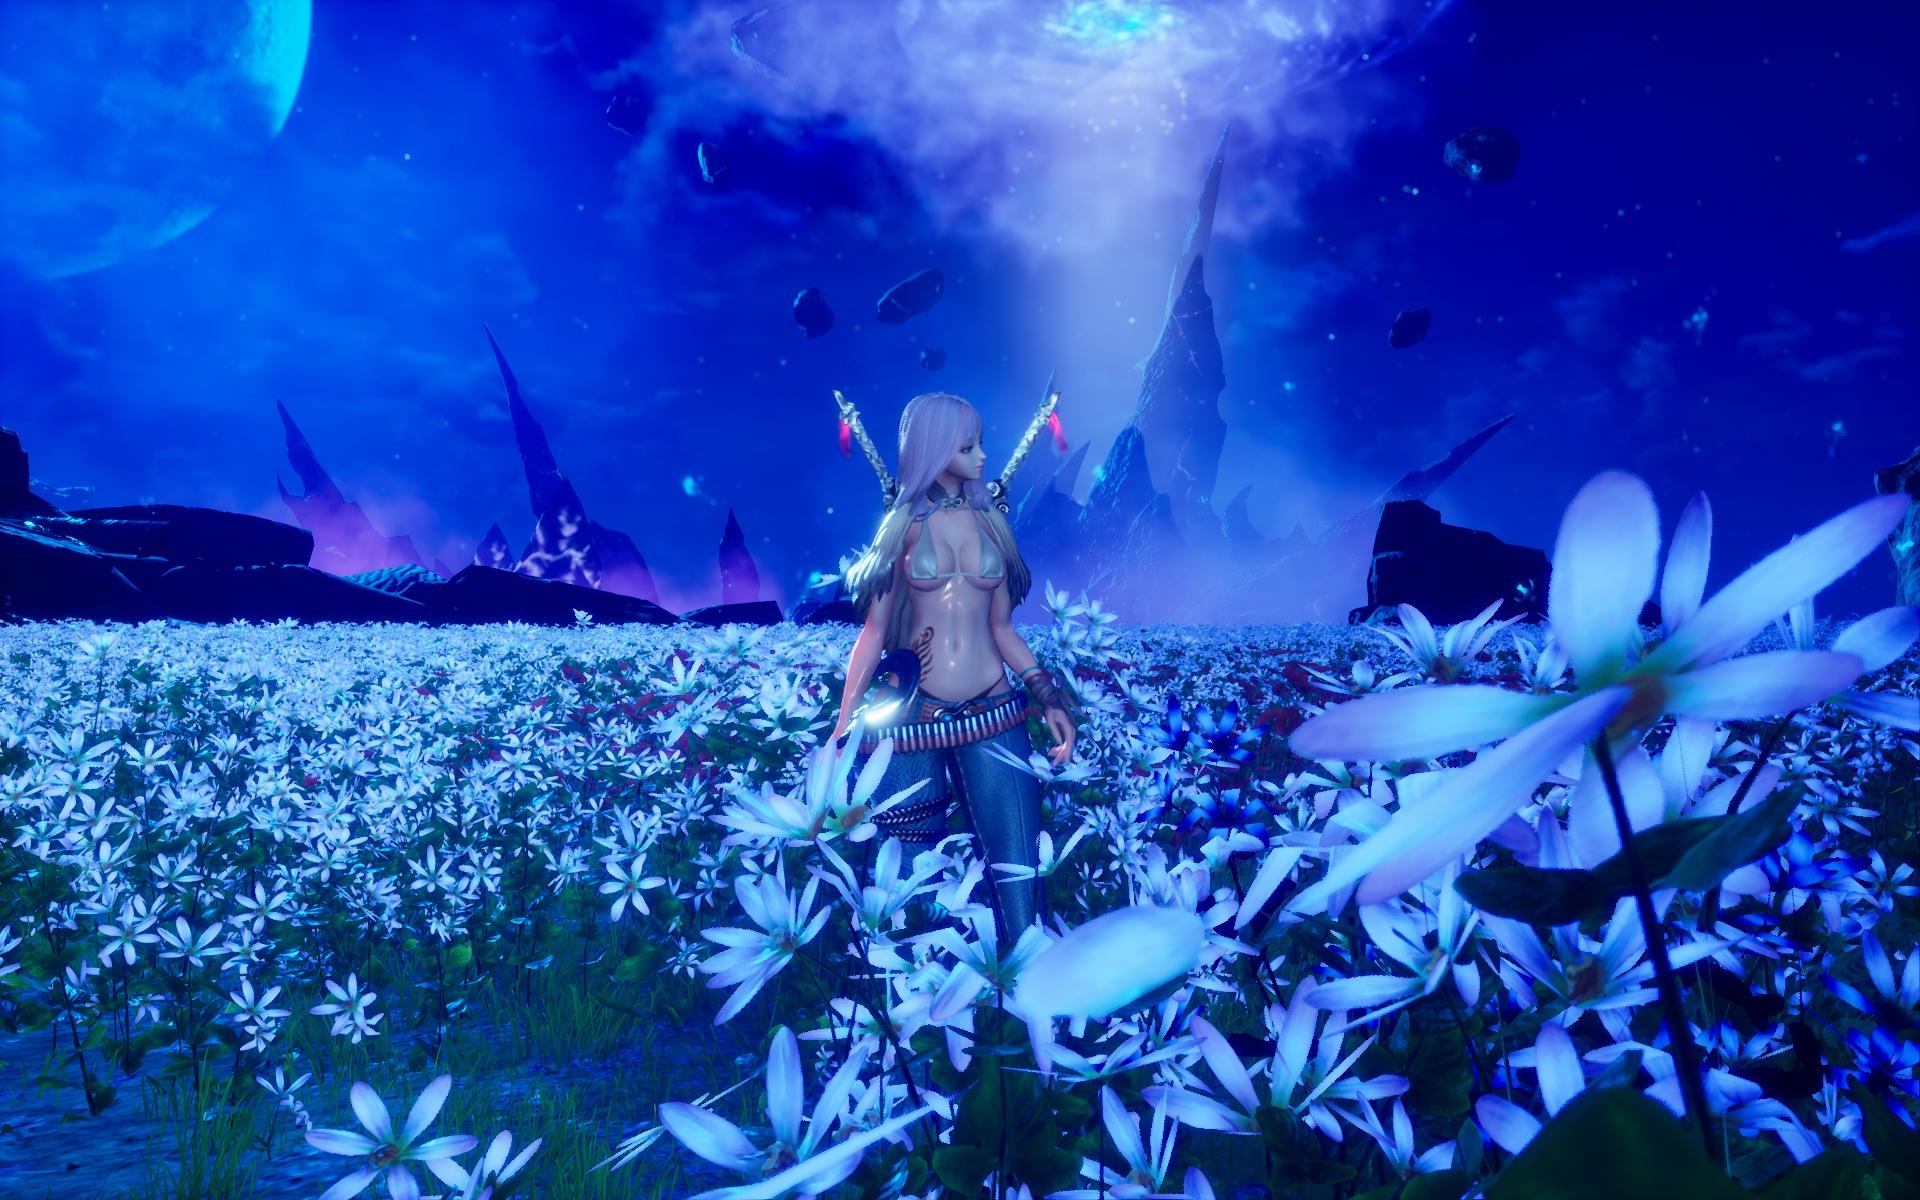 Unreal Engine 4により表現力が向上した「ブレイドアンドソウル」の世界。中でも「幸せの村」の花畑は息を呑むほど美しかった